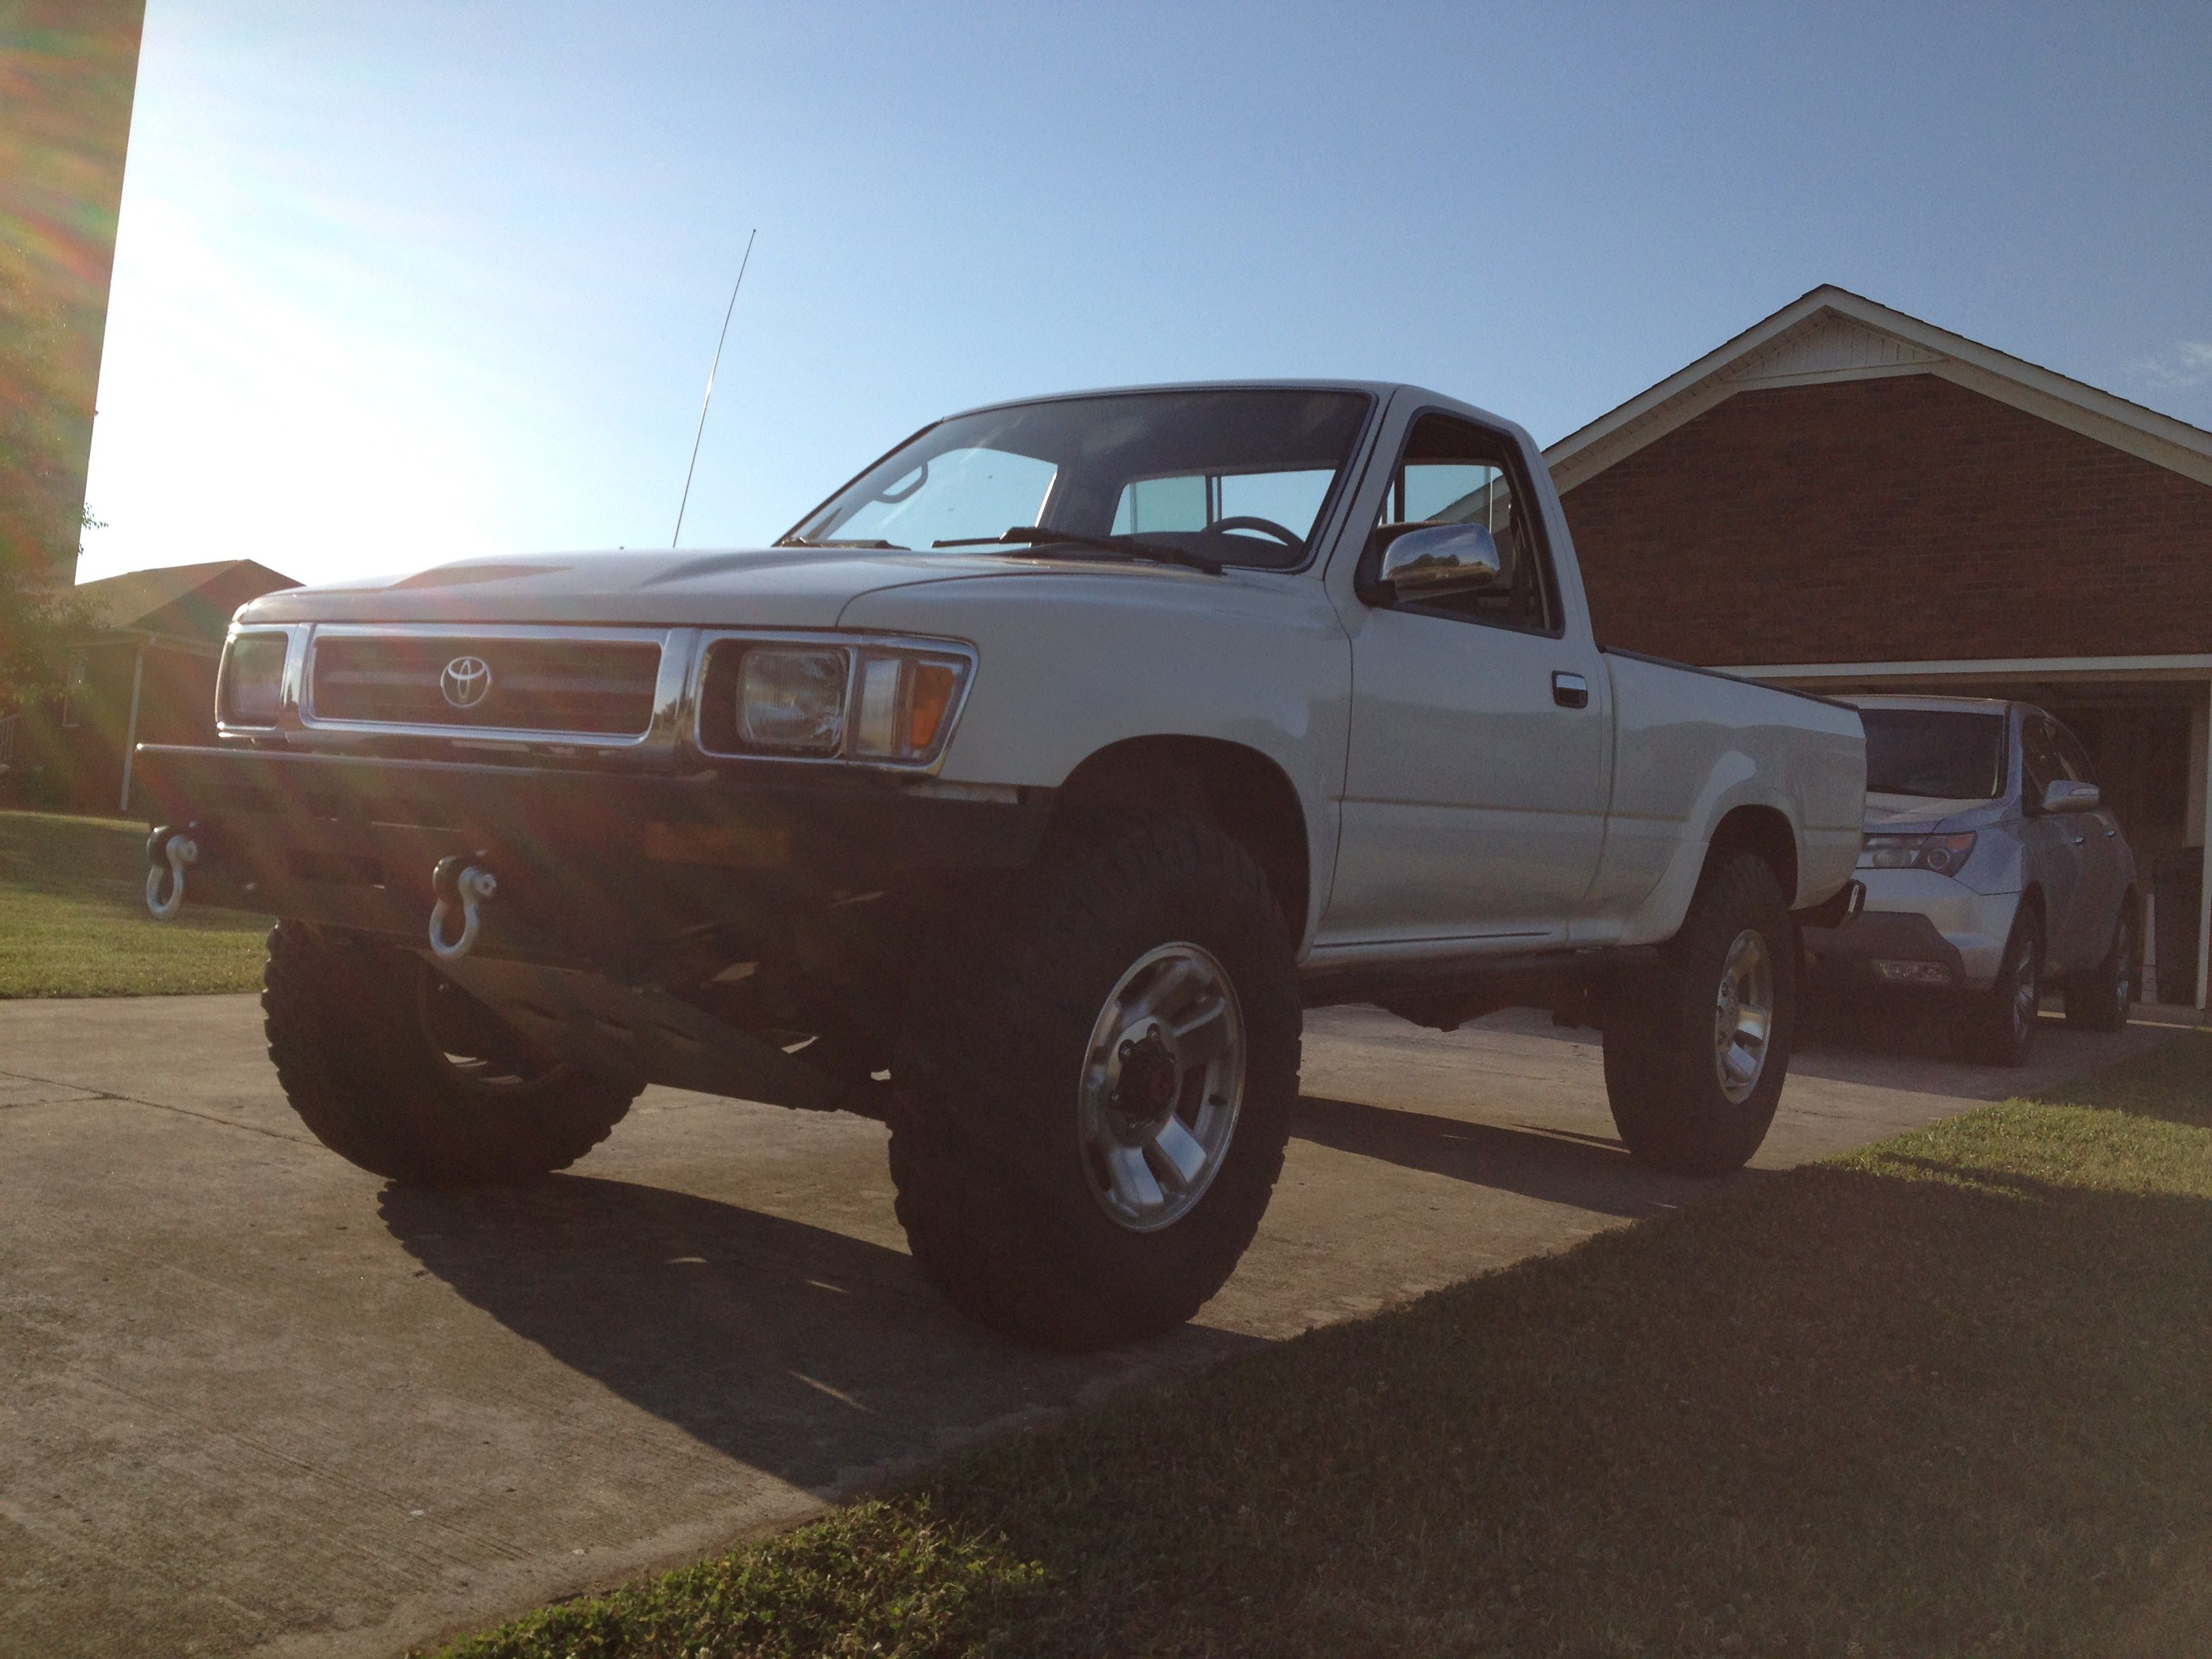 94 Toyota Pickup With Warn Bumper Downey Skid Plate 255 85r16 Bfg Km2 Bfg Km2 Toyota Trucks